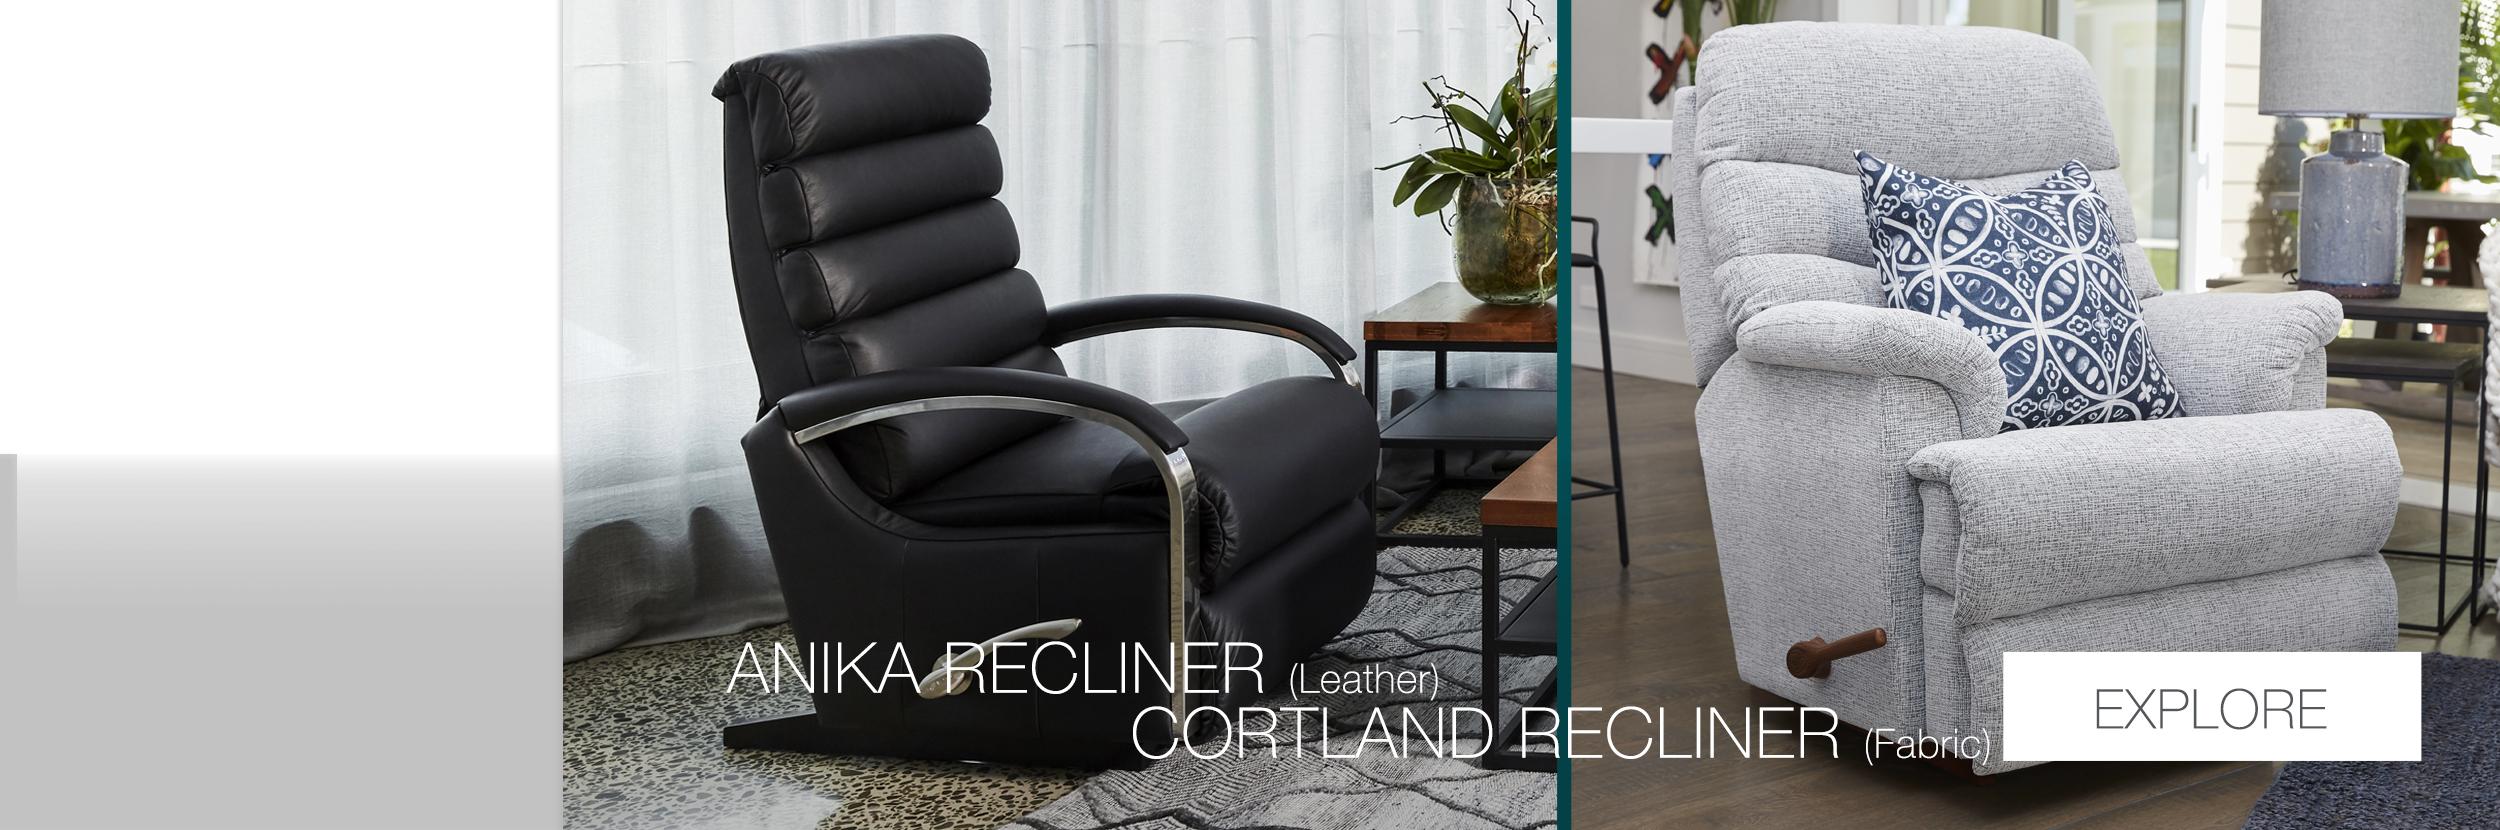 Recliner Sale Anika/Cortland - Aussie (Desktop)